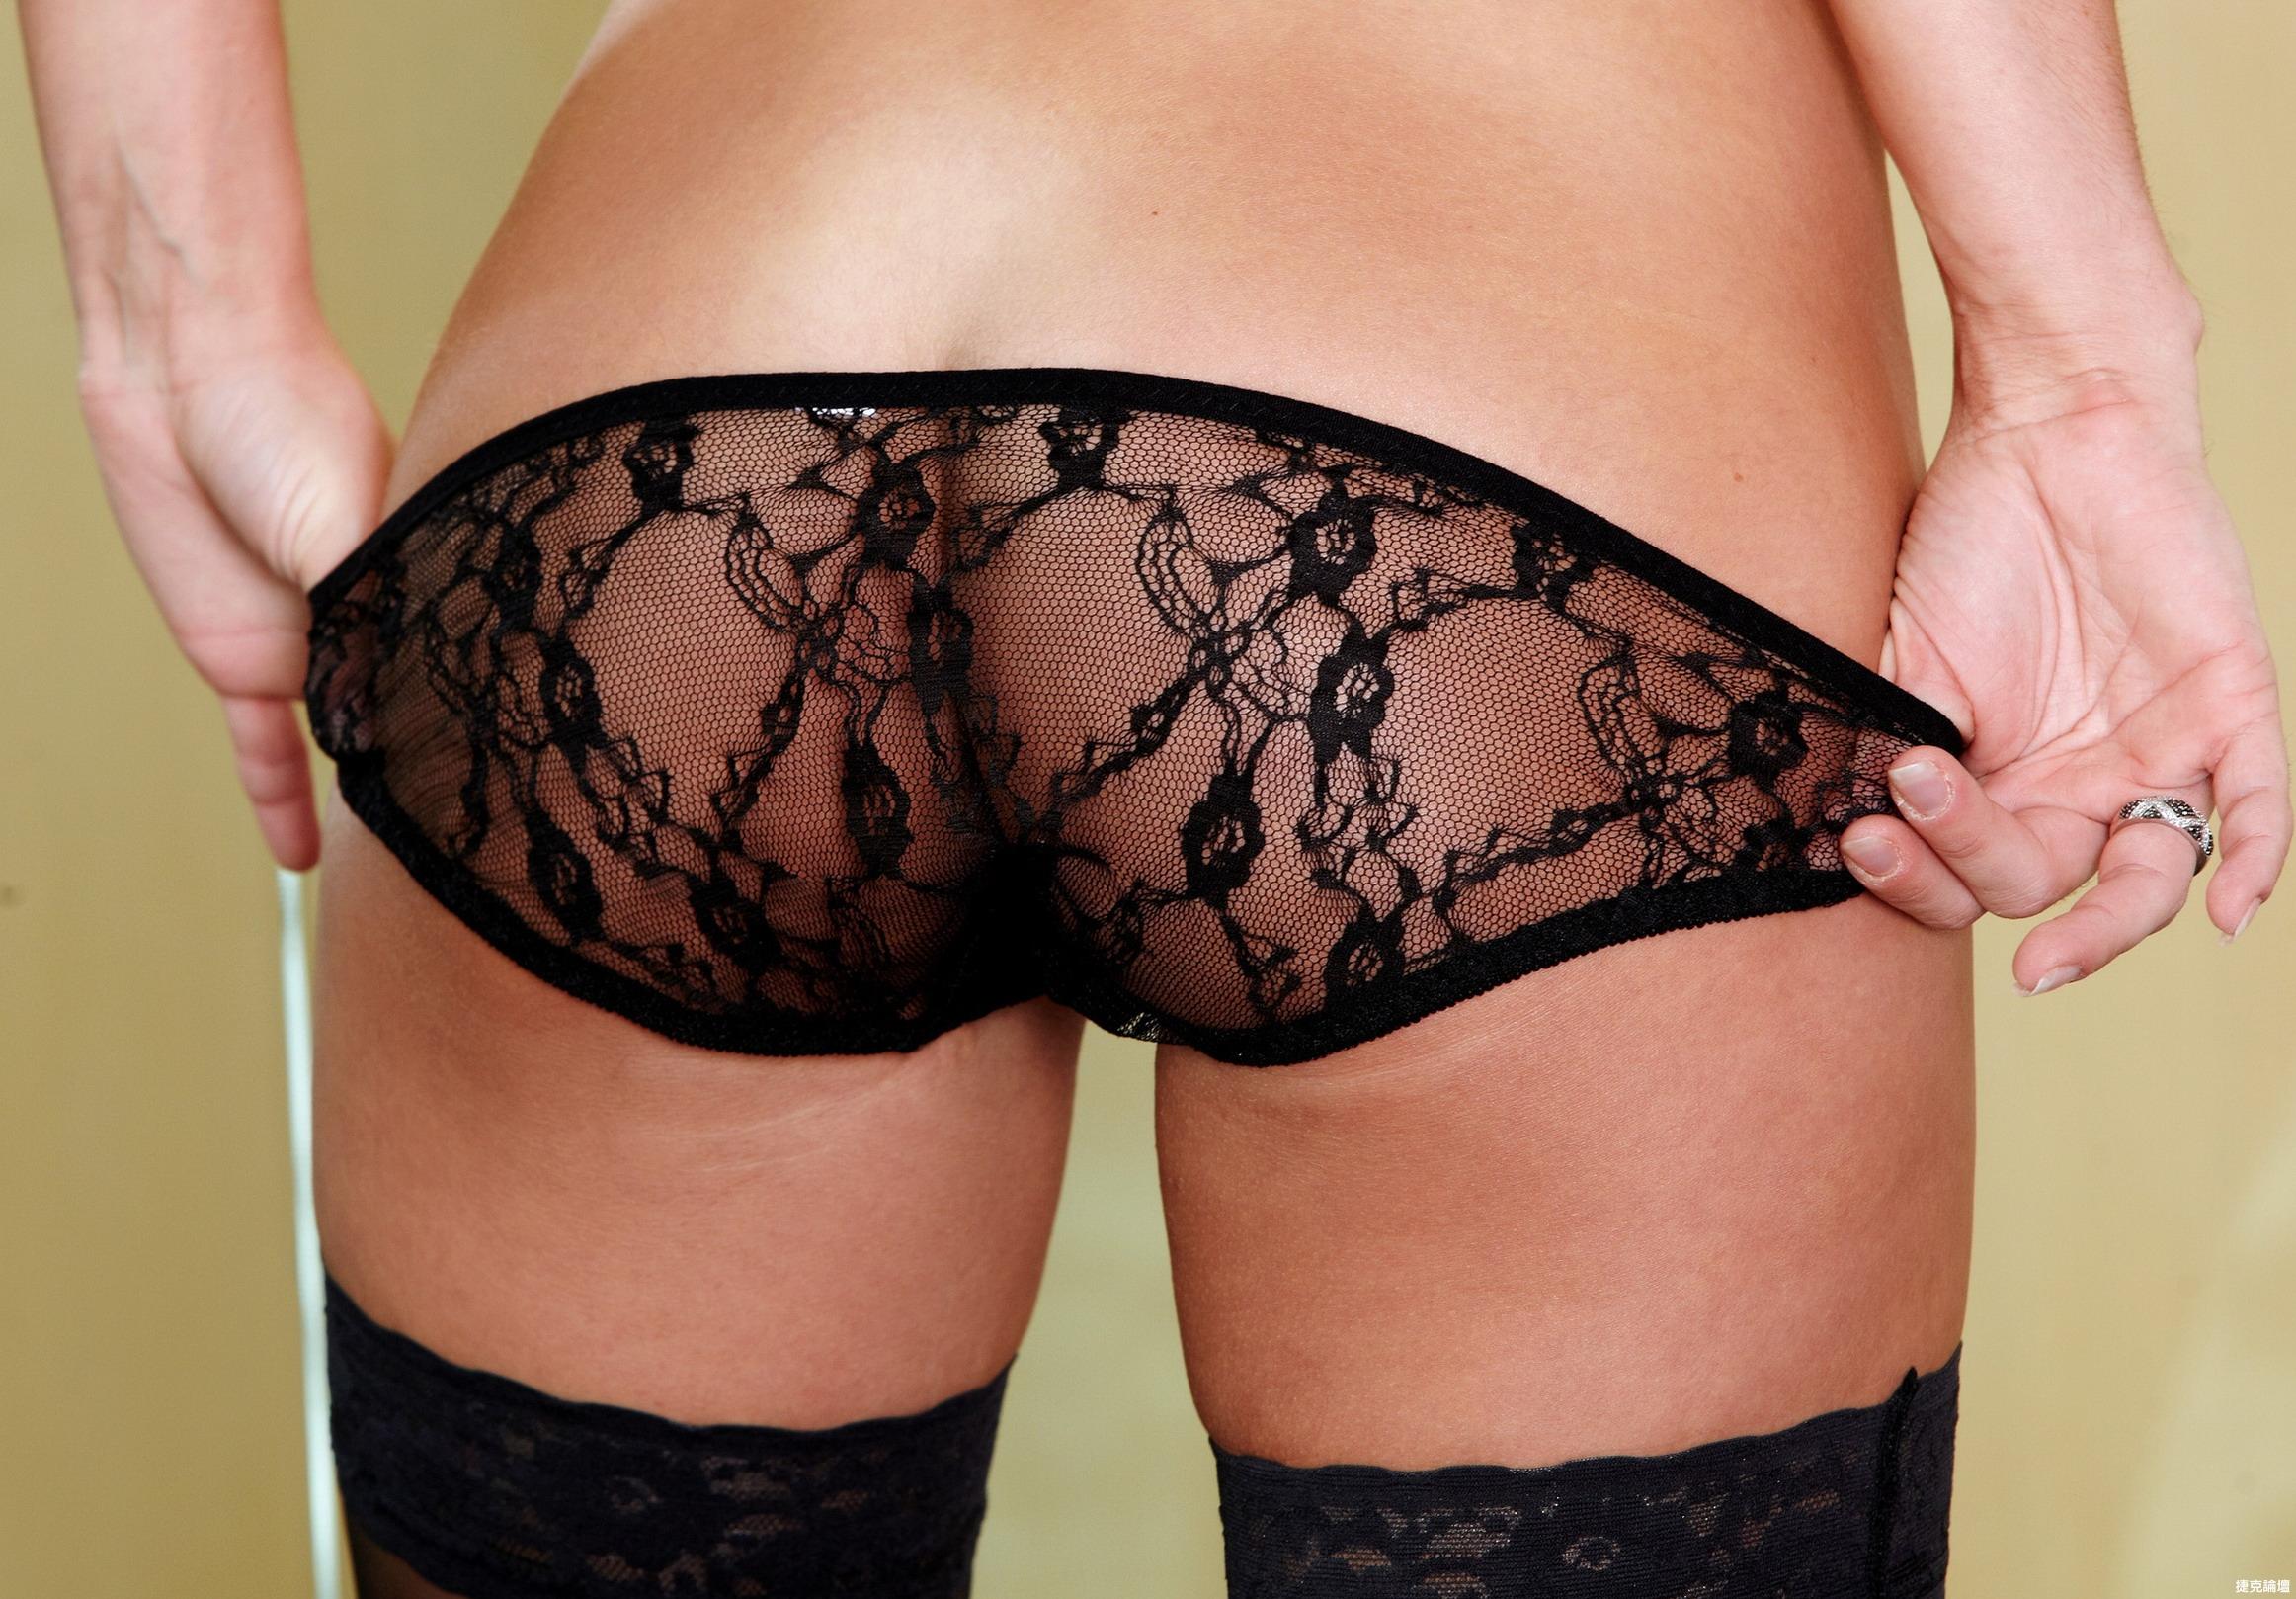 黑絲高跟性感內褲-23P - 貼圖 - 絲襪美腿 -